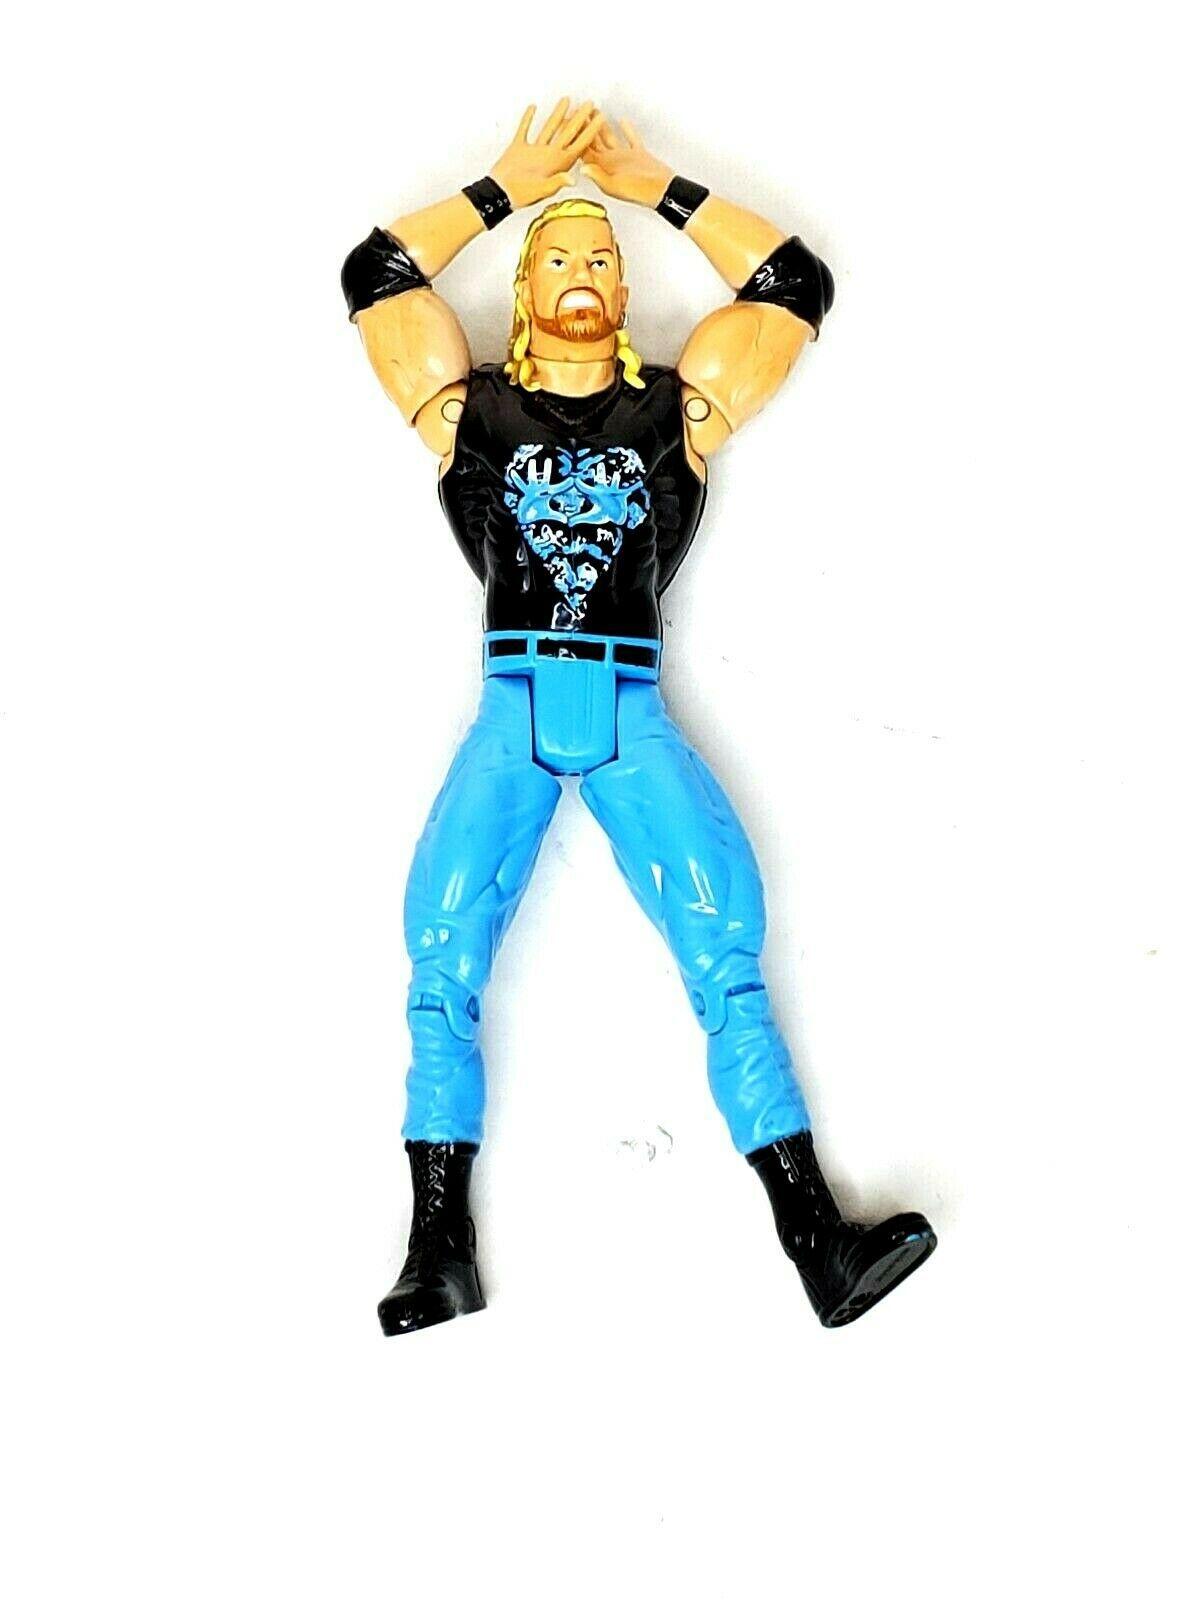 """WWE DDP Wrestling Action Figure 7"""" Toy Biz 1999 - $15.00"""